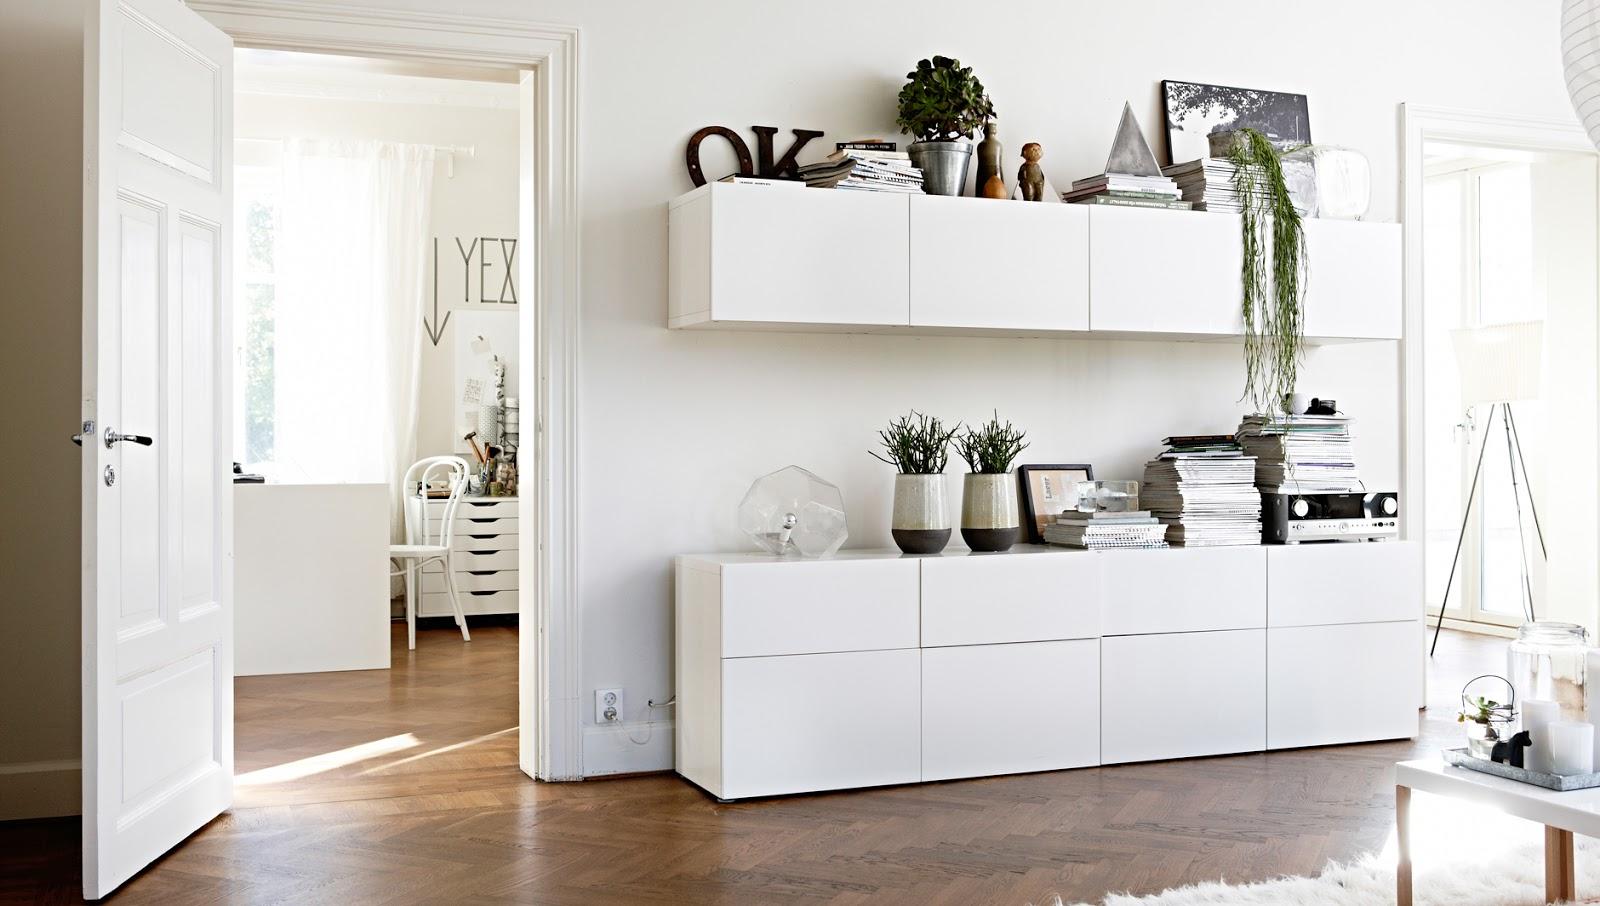 K r i s p i n t e r i r july 2013 - Ikea meuble rangement bureau ...